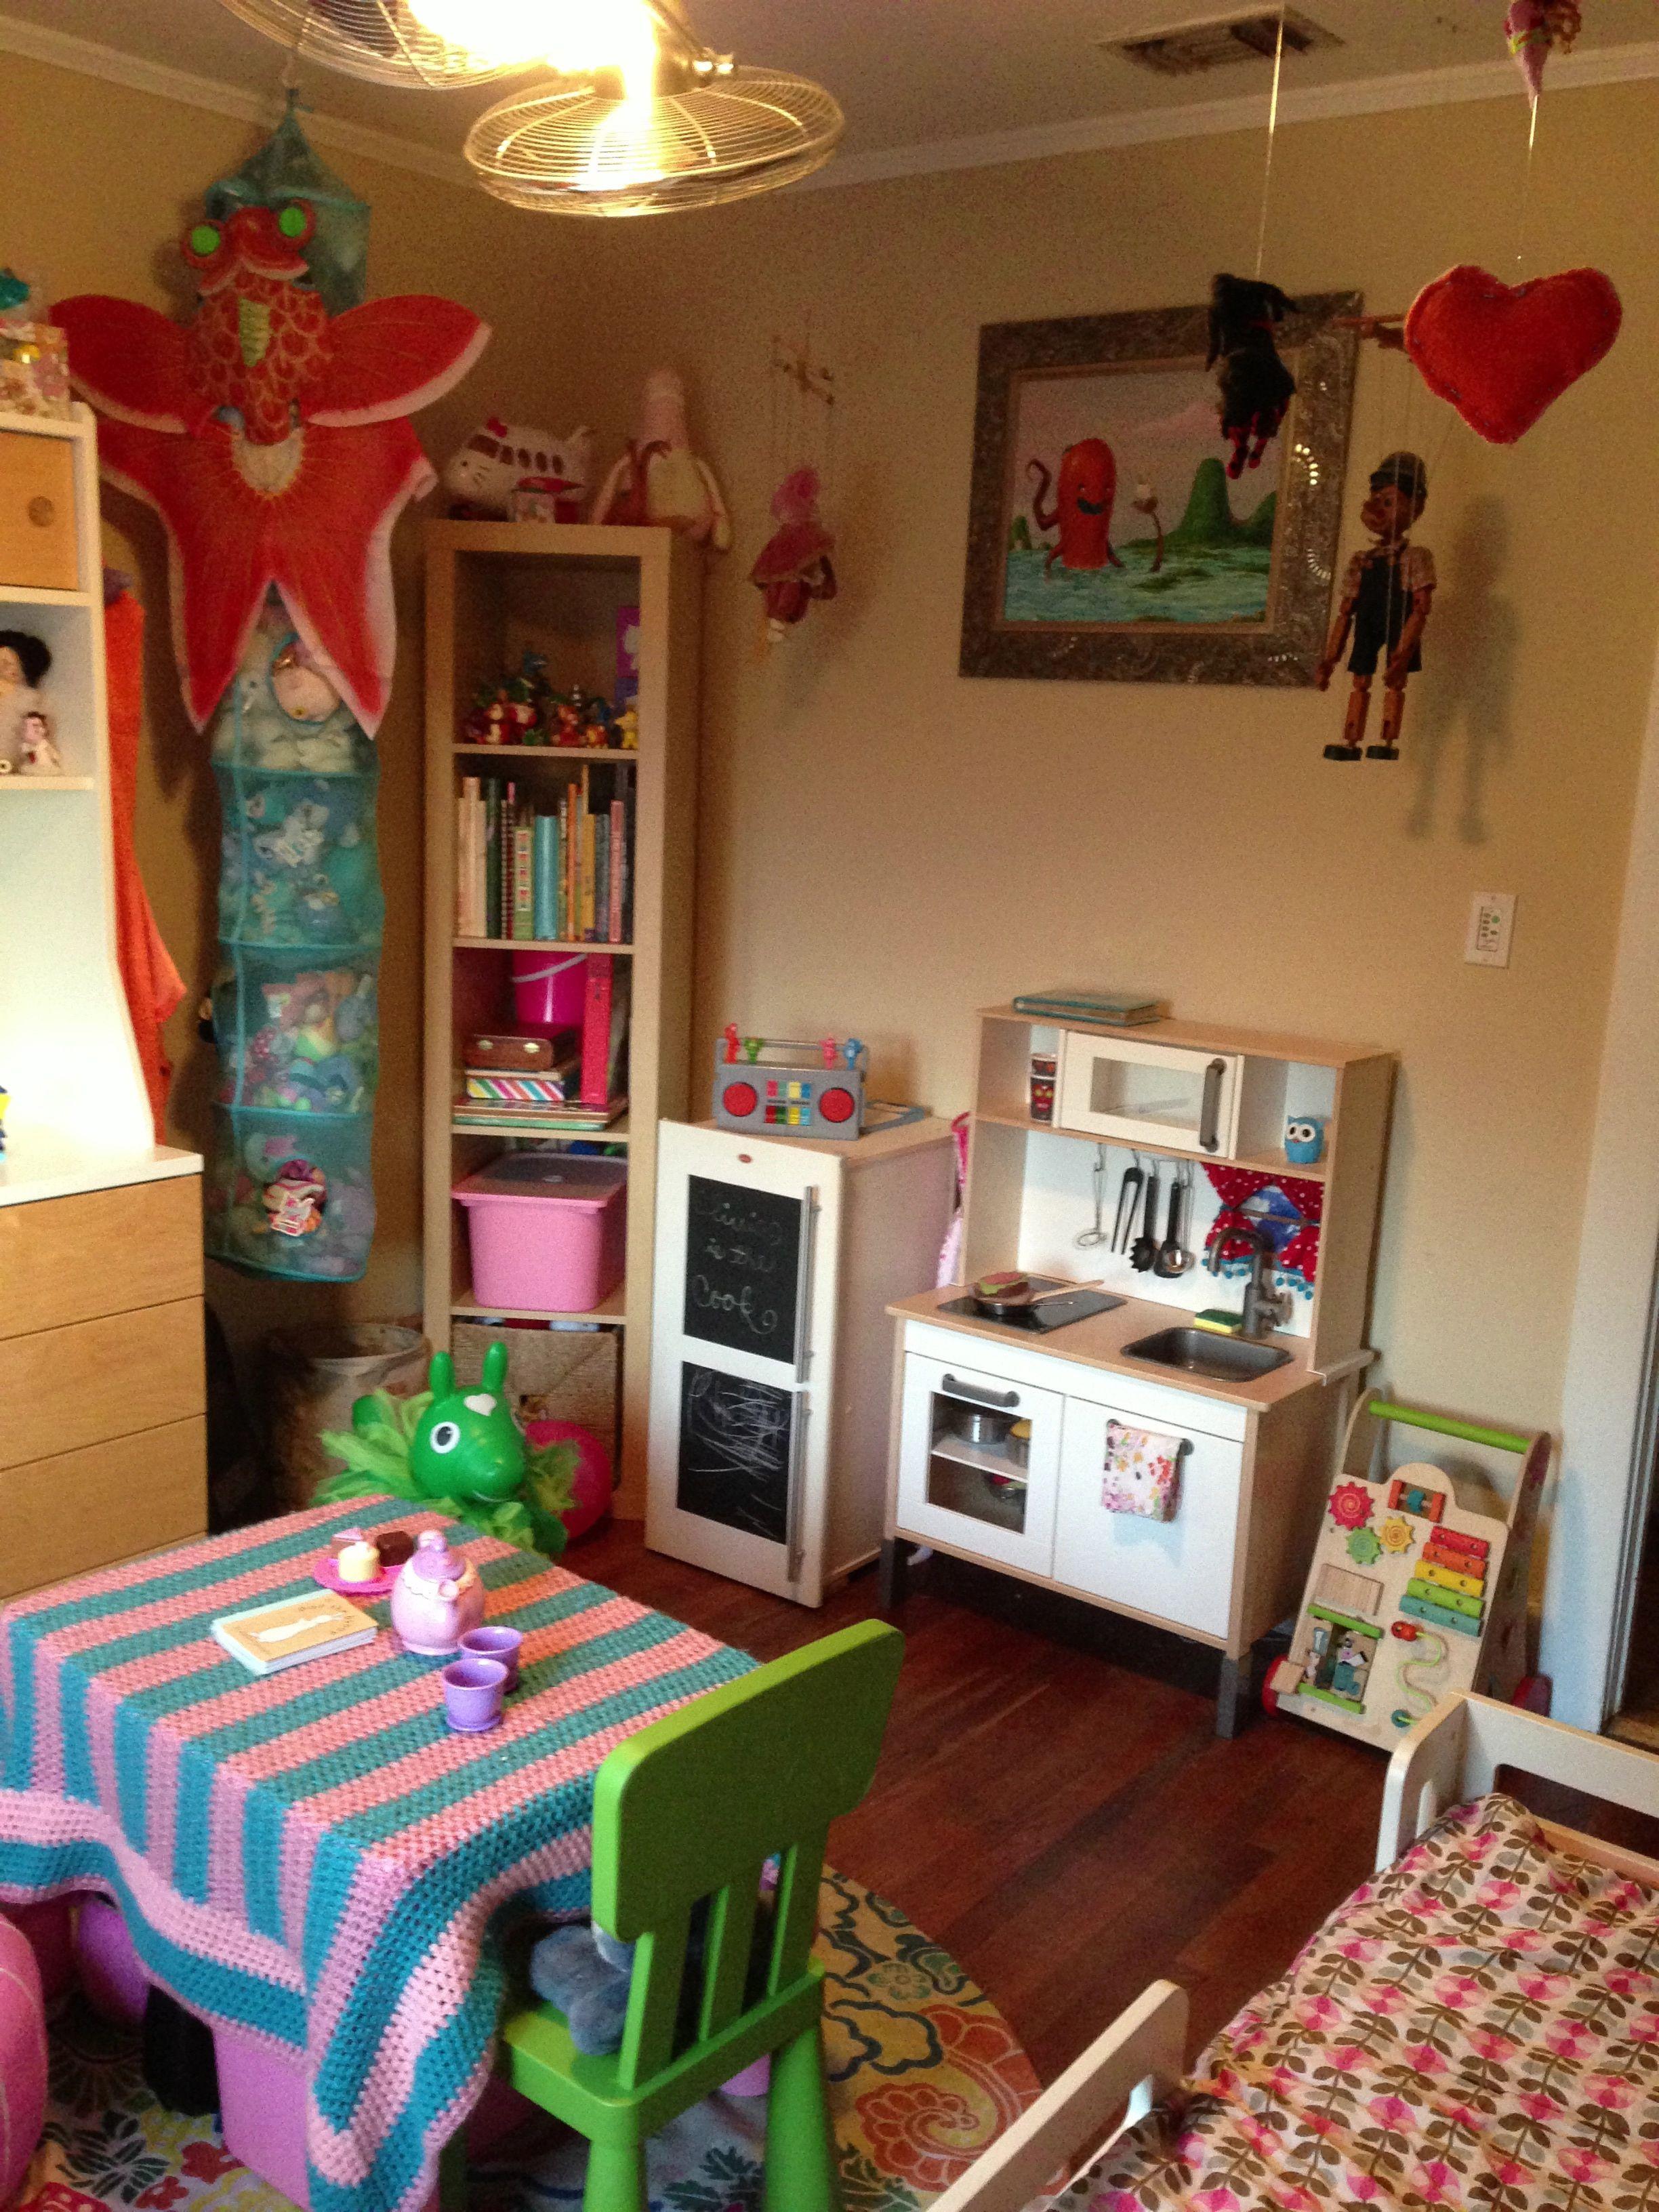 Ikea duktig play kitchen and fridge